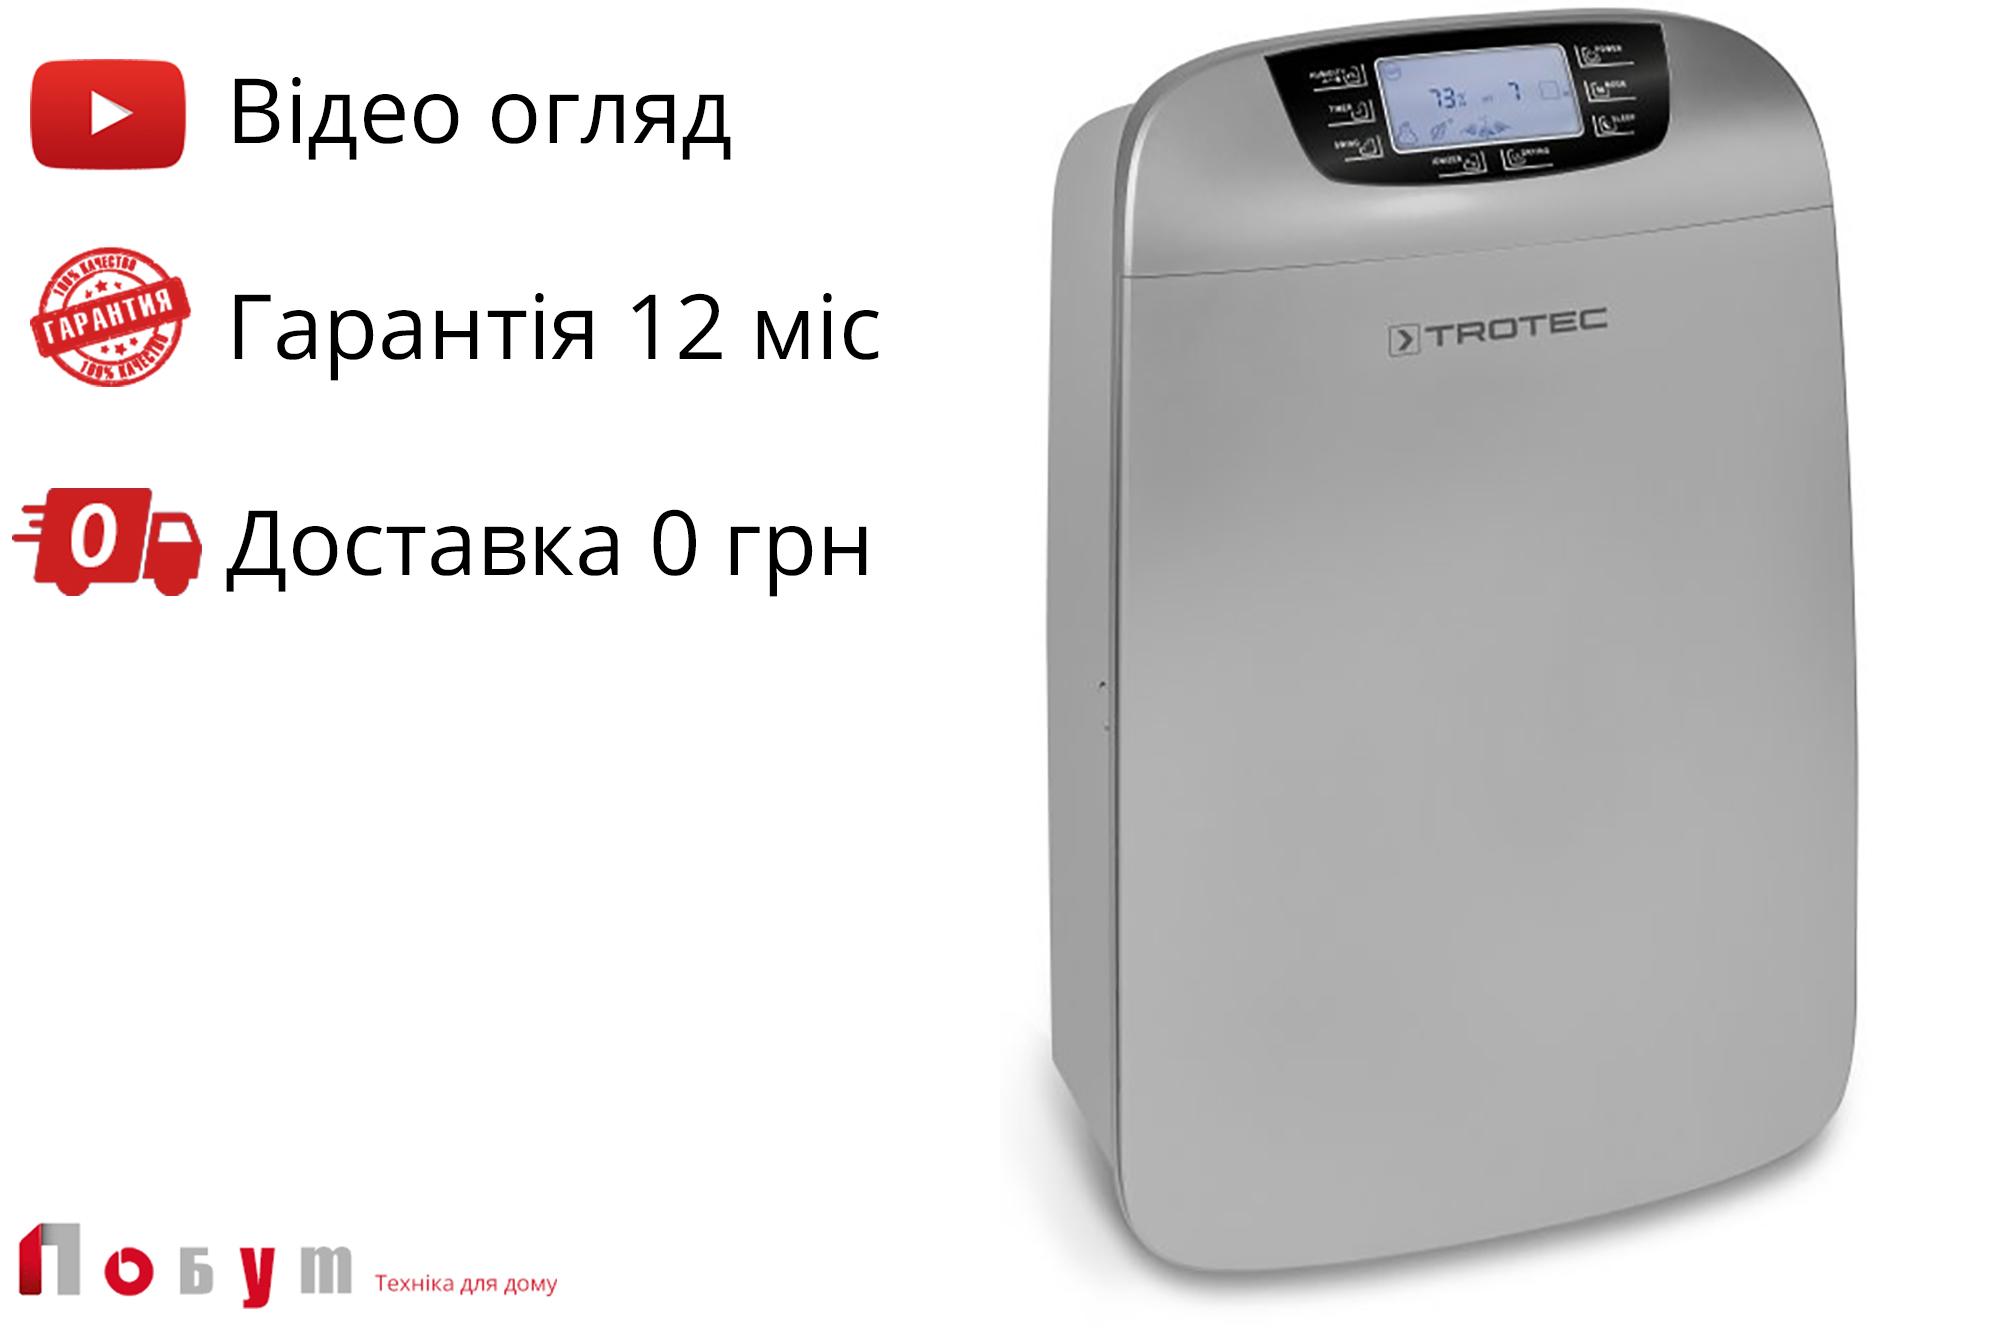 Trotec - побутові осушувачі повітря. Купити за найкращою ціною в ... 1d15f4204571b